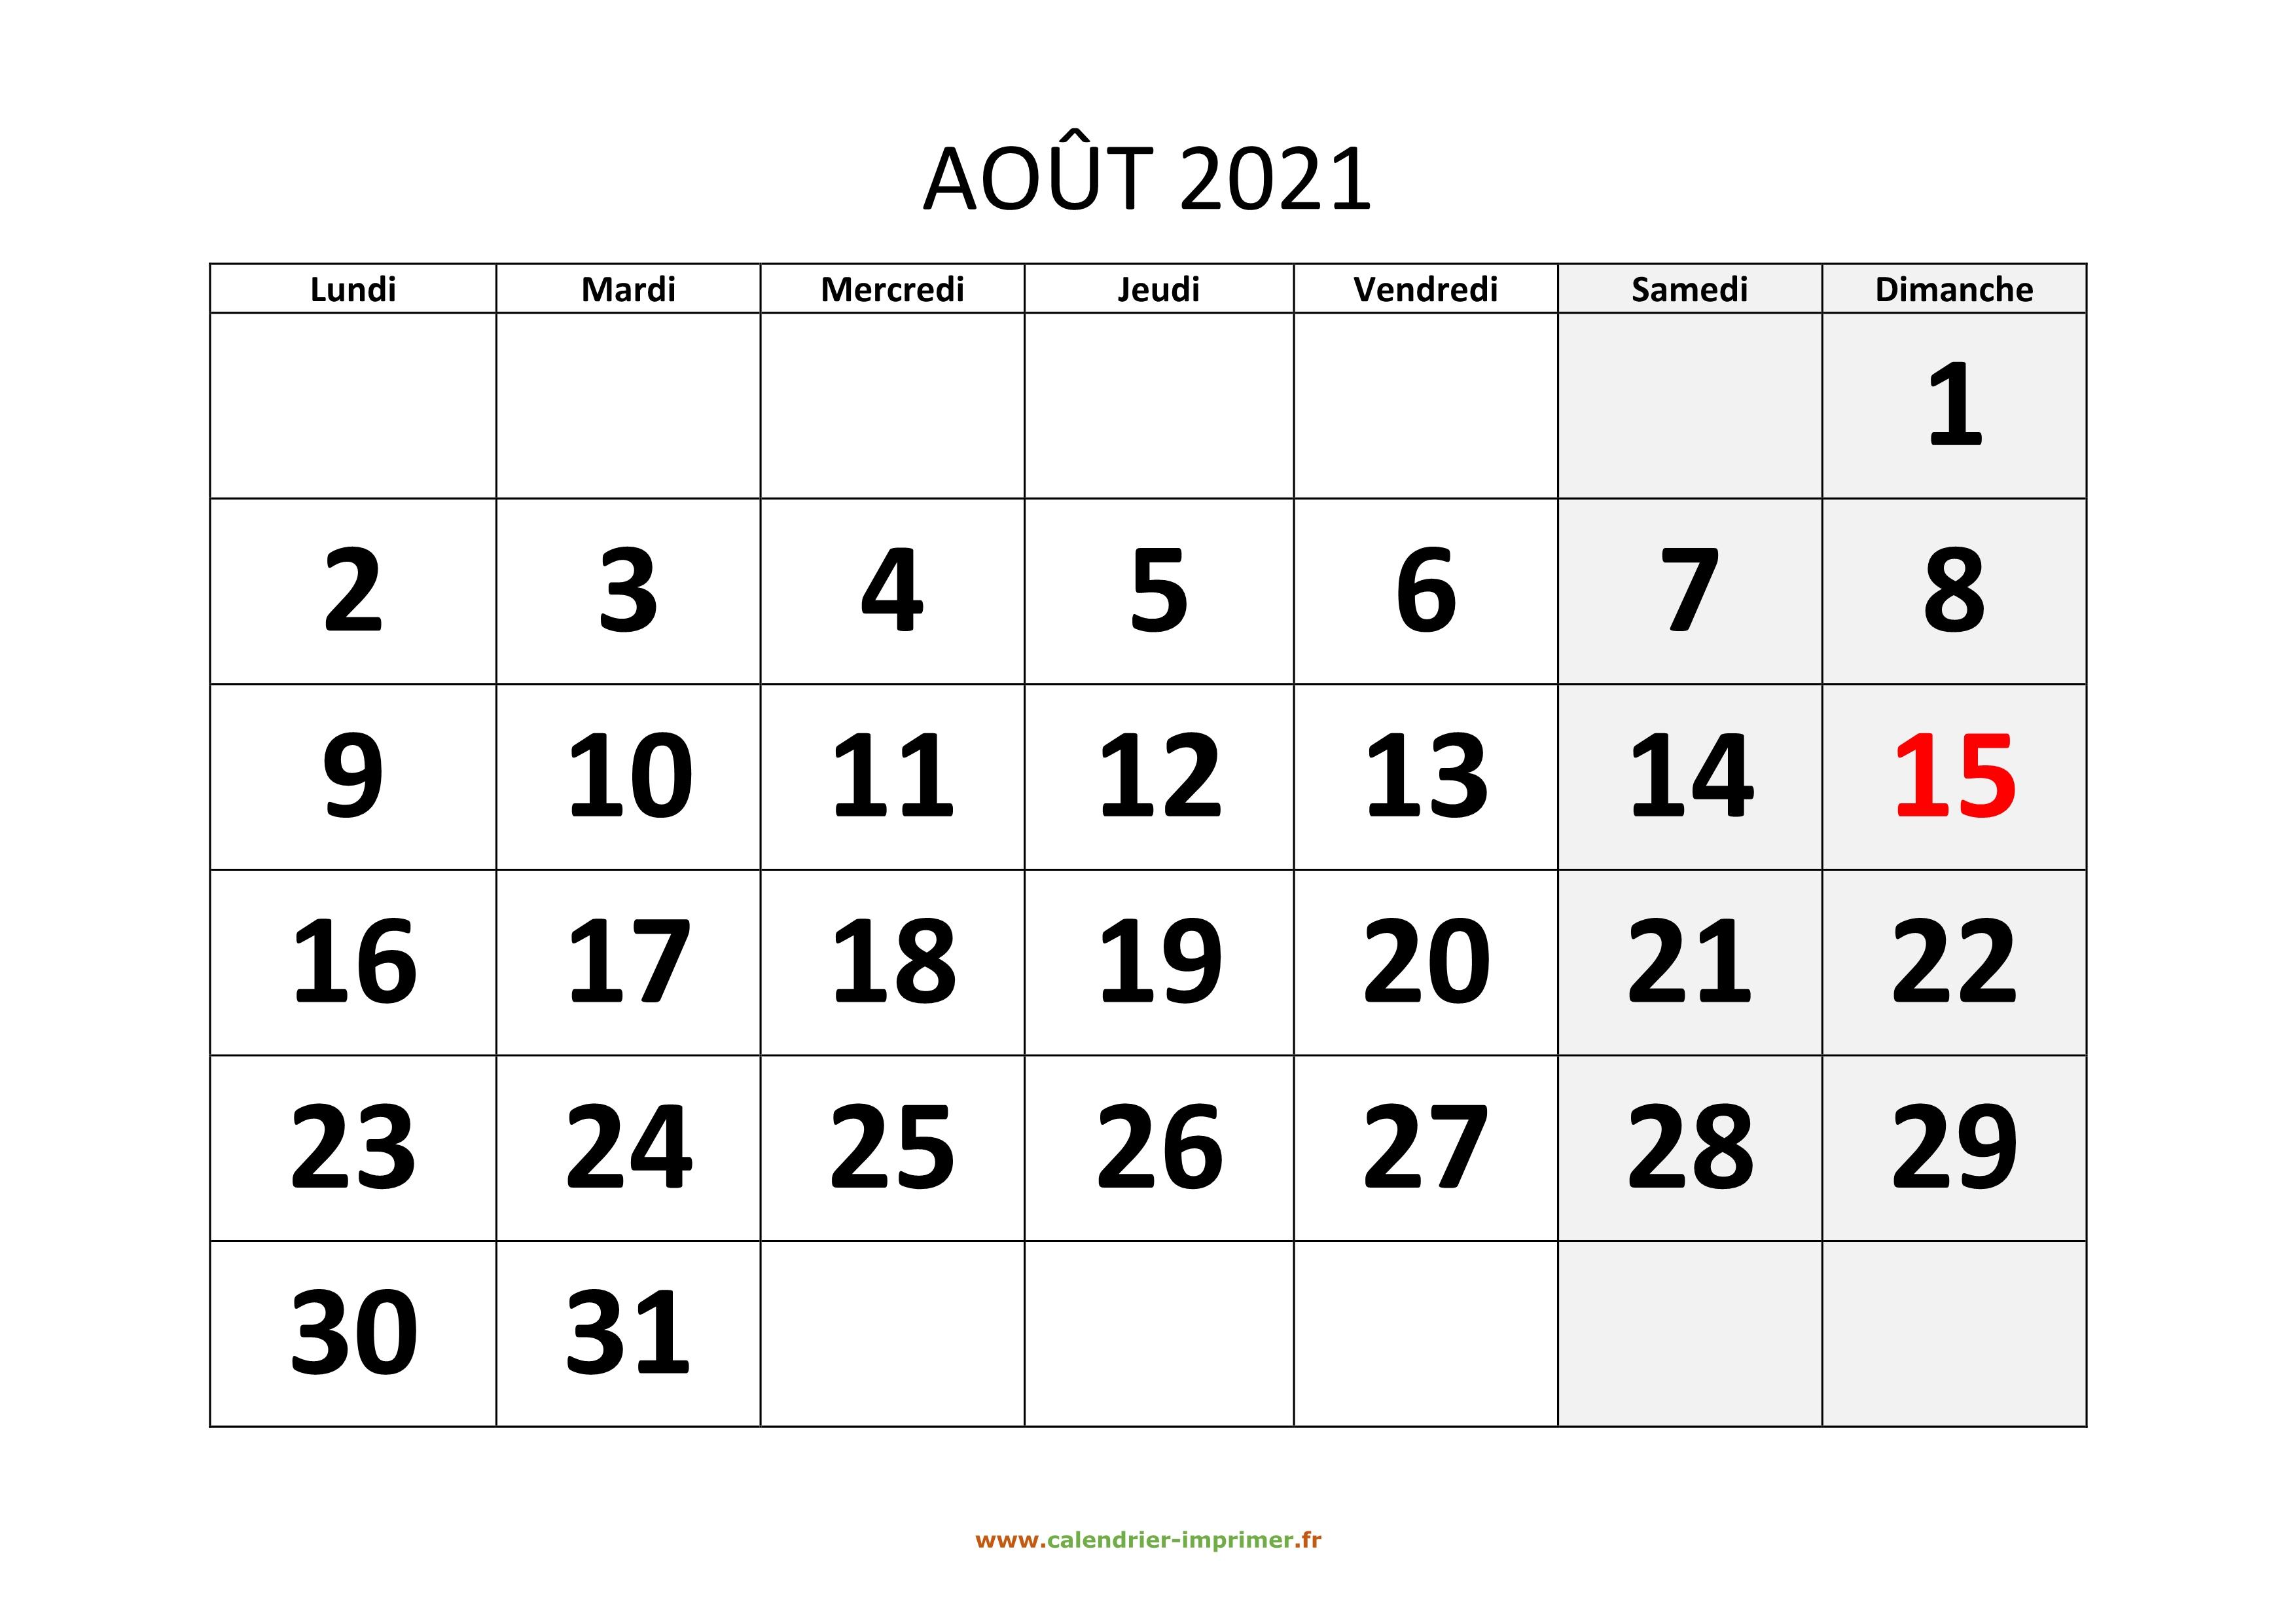 Calendrier Septembre 2021 à Aout 2021 Calendrier Août 2021 à imprimer